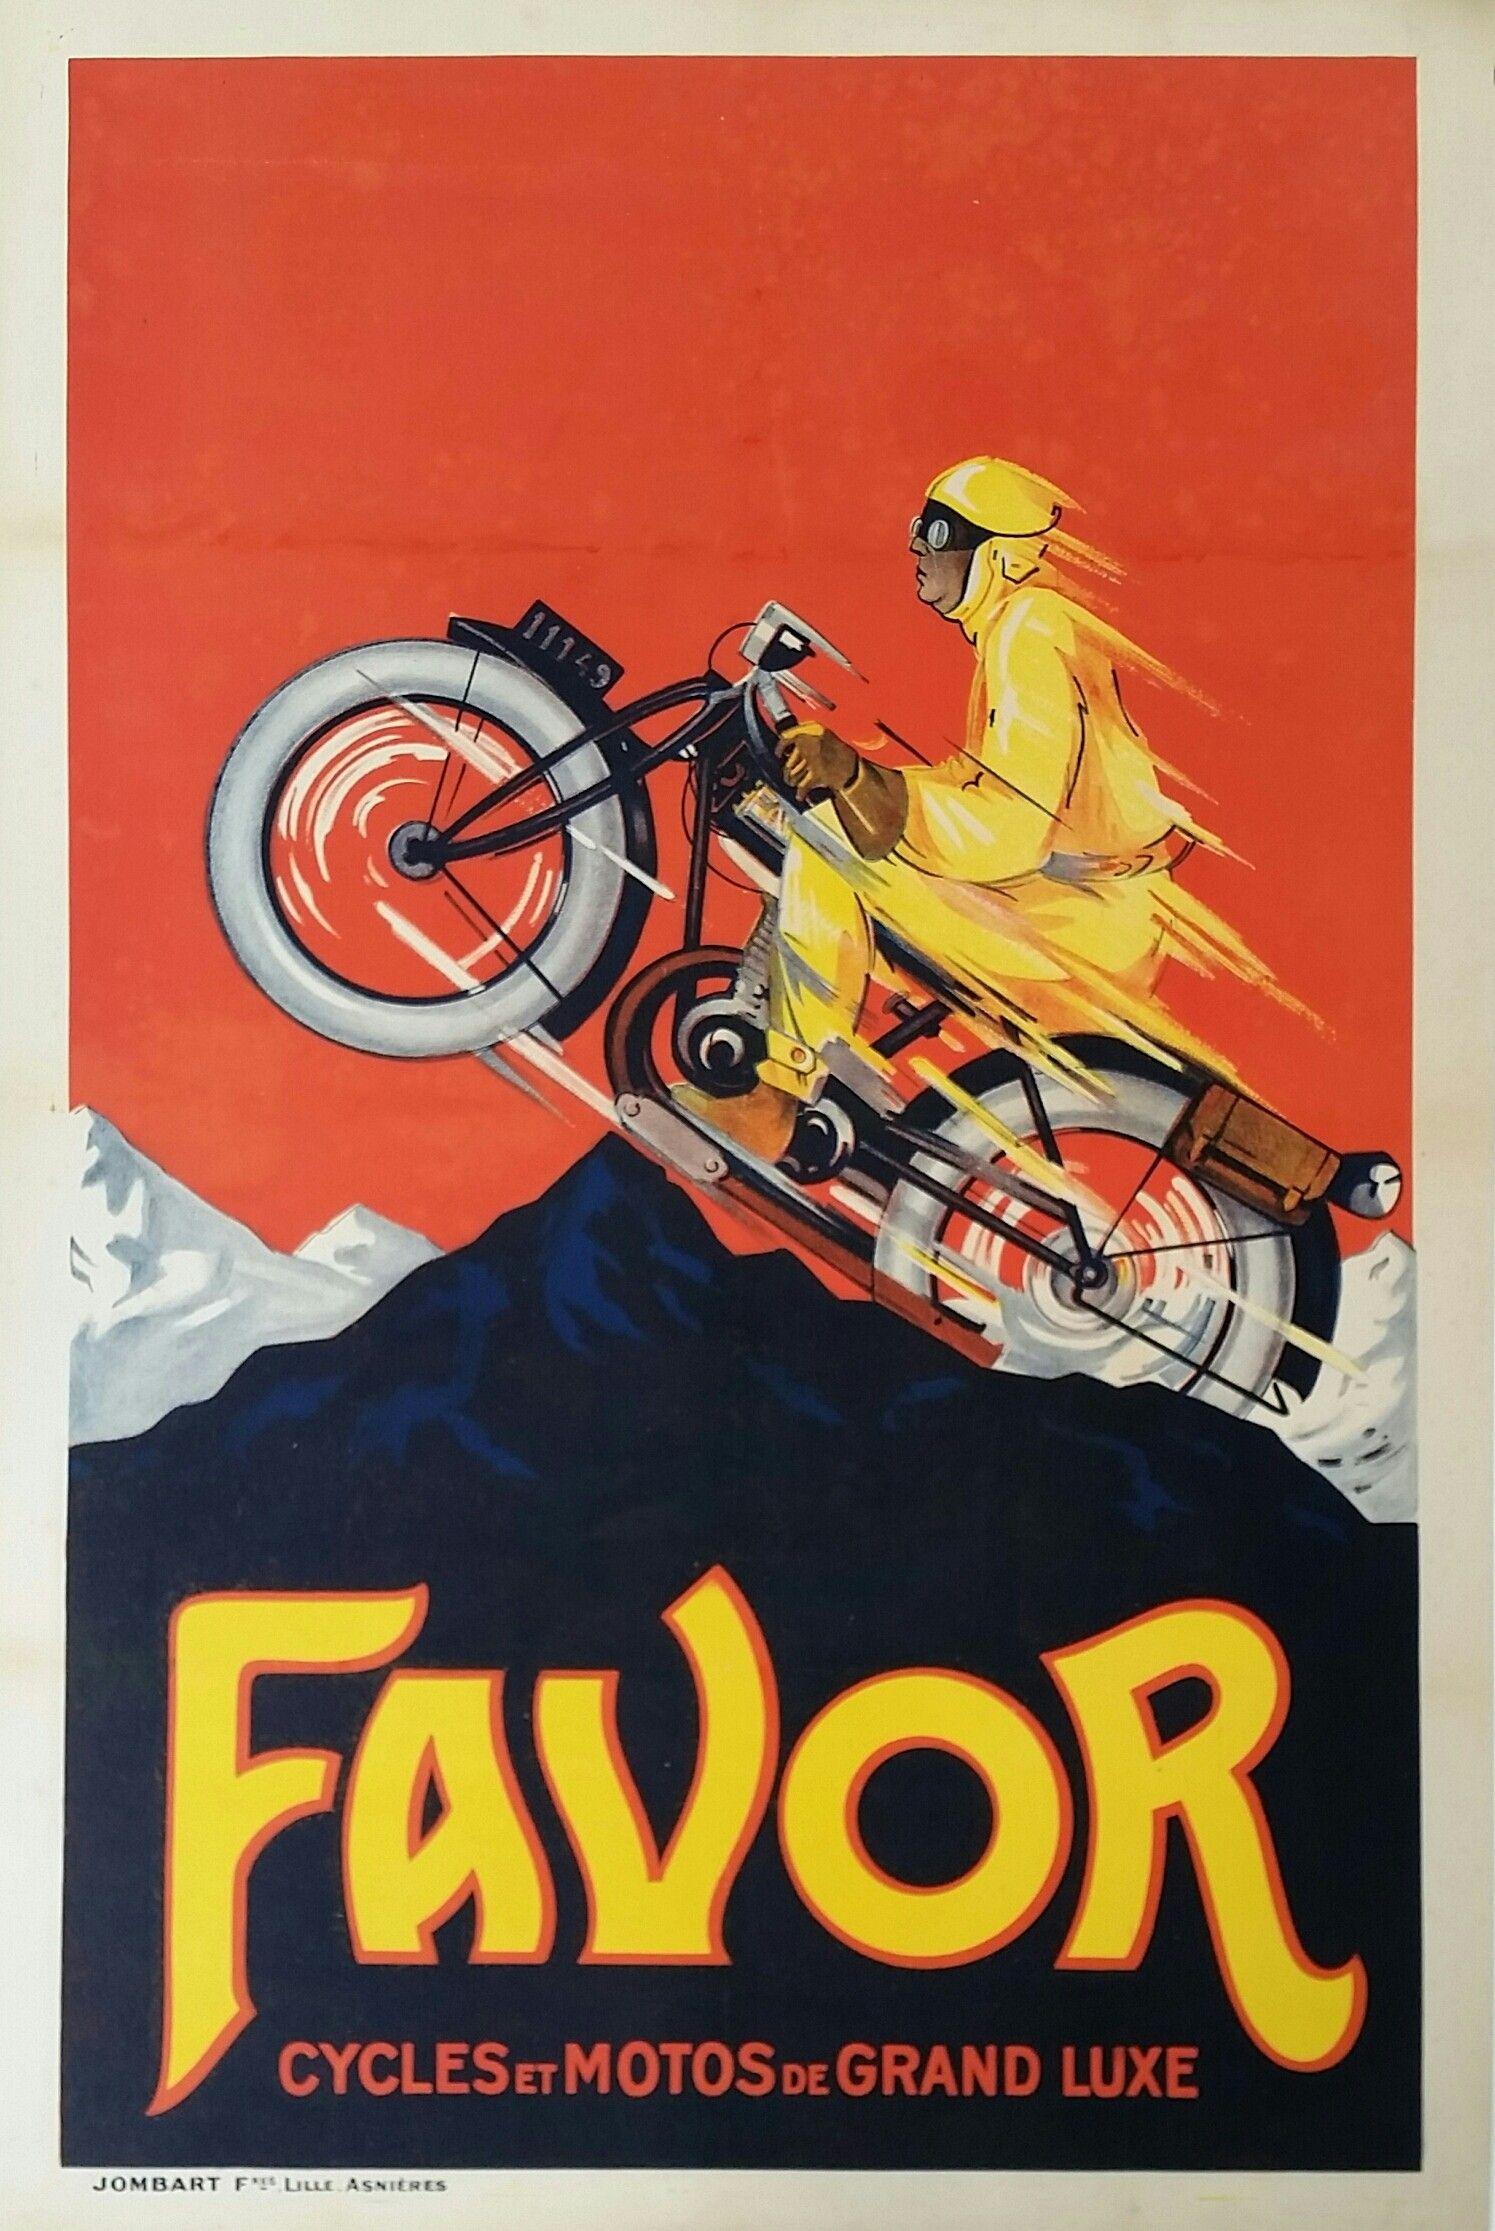 Original Vintage Motorcycle Poster Favor Cycles Et Motos De Grand Luxe Vintage Motorcycle Posters Motorcycle Posters Racing Posters